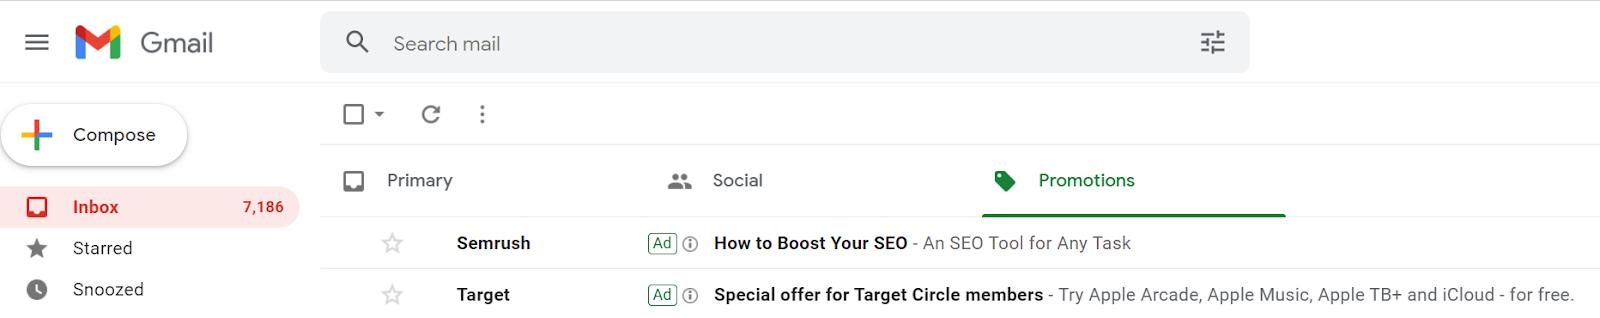 search engine ad campaign